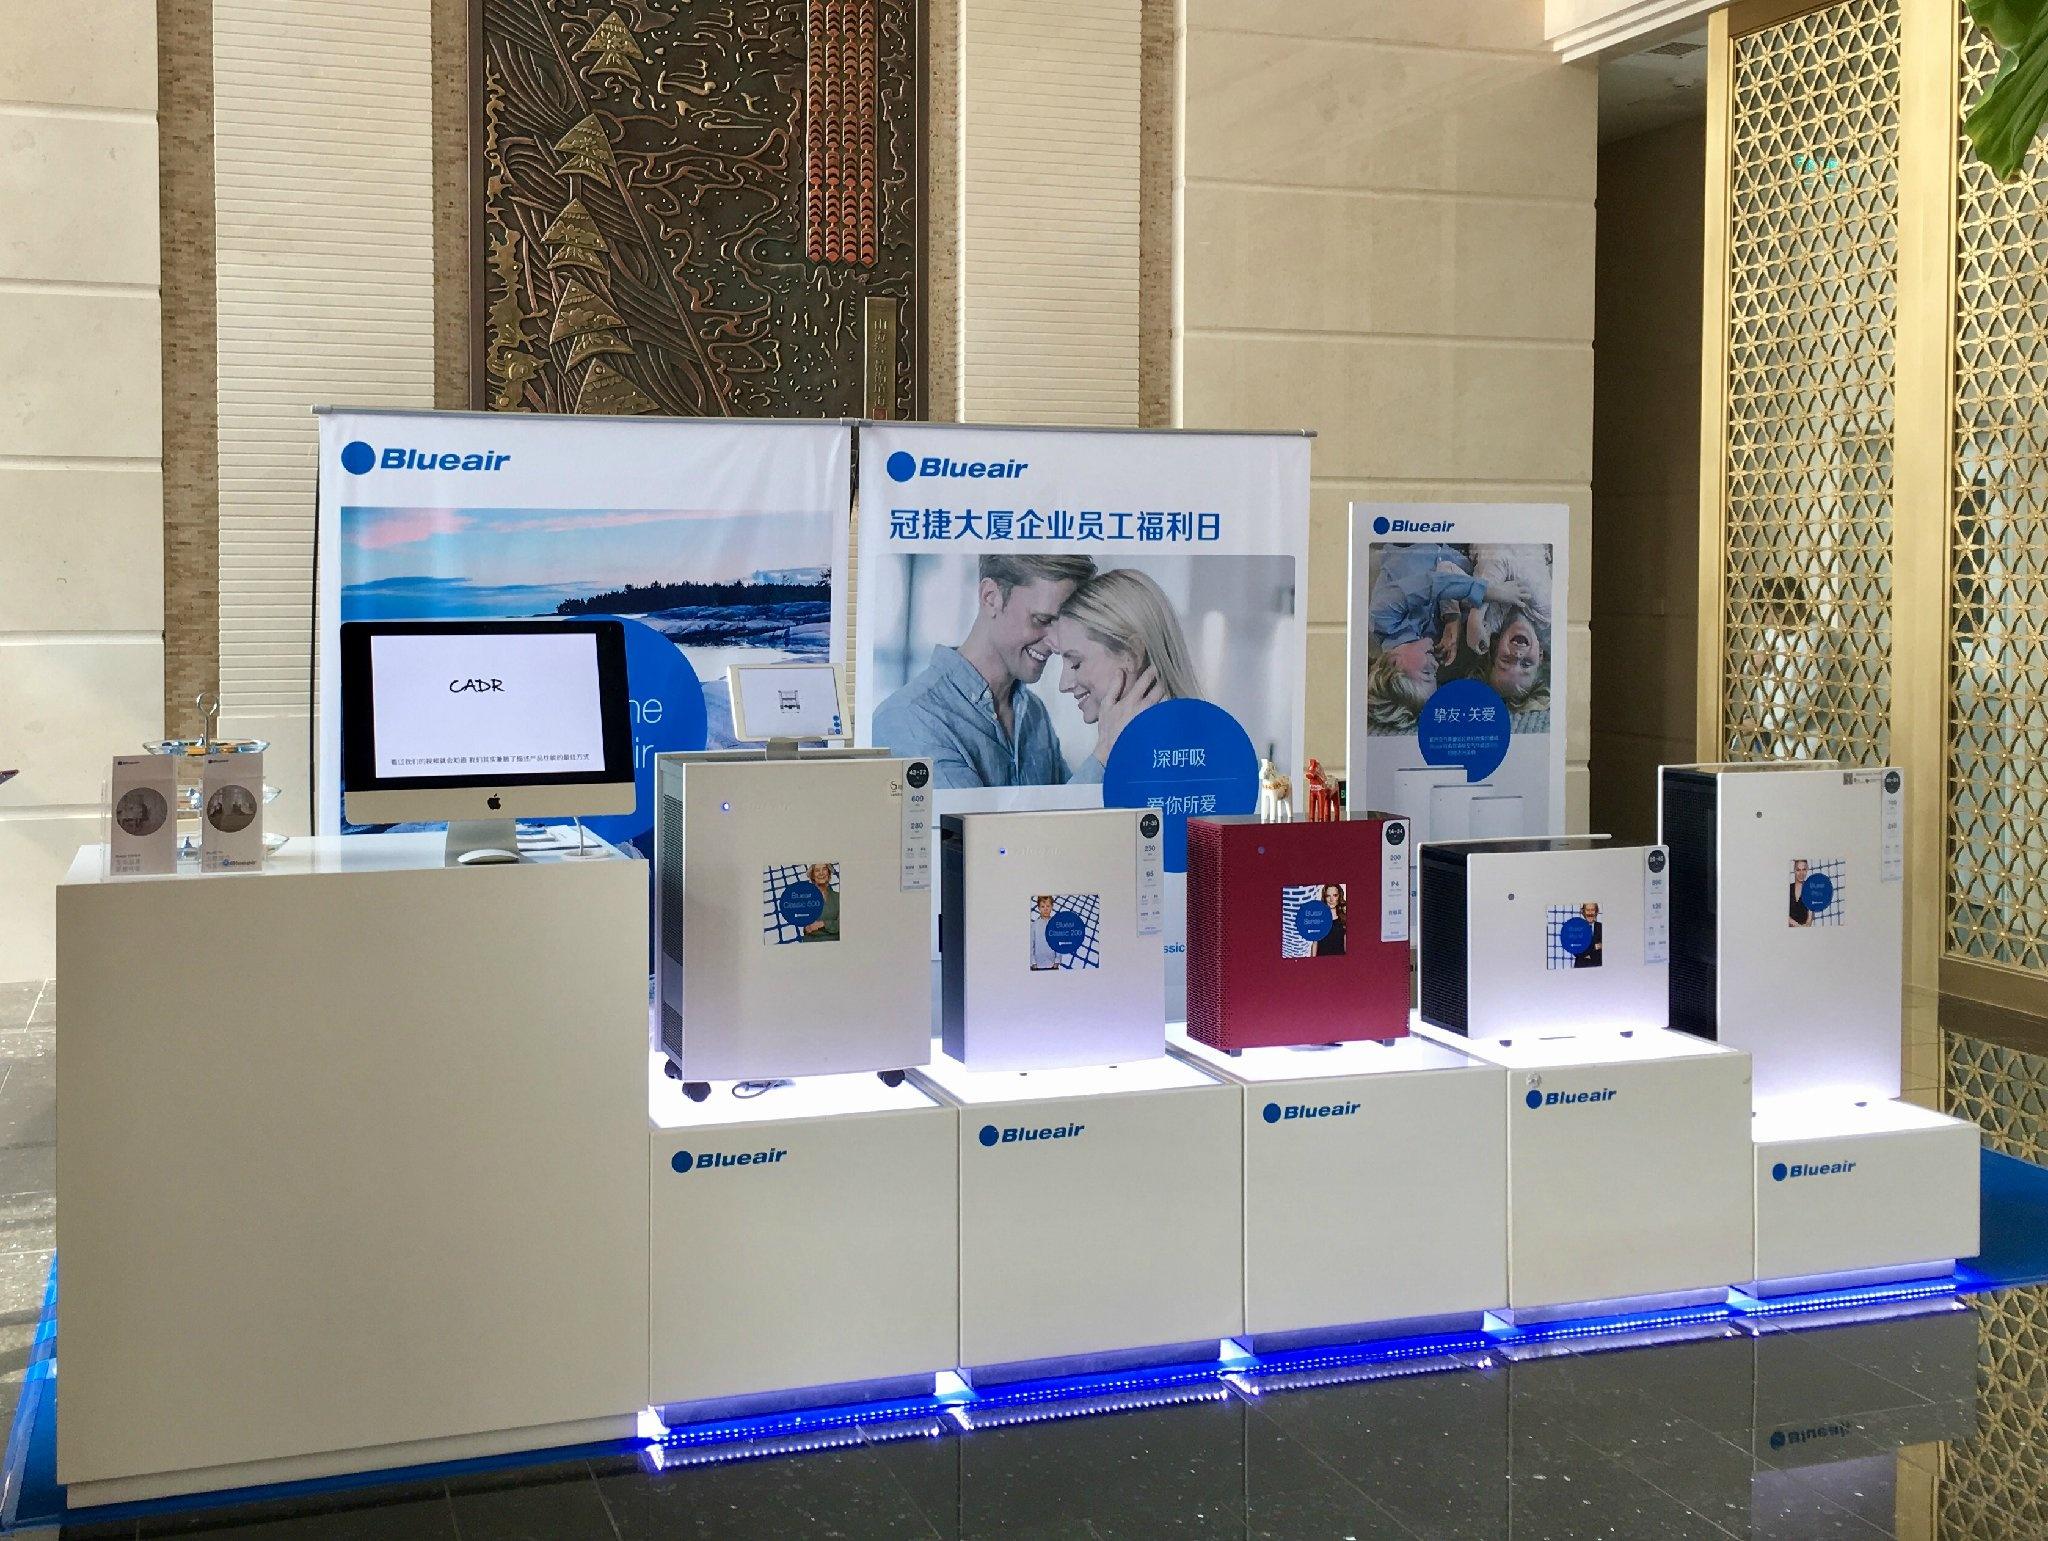 3月28日,BLUEAIR送清新空气福利到办公楼